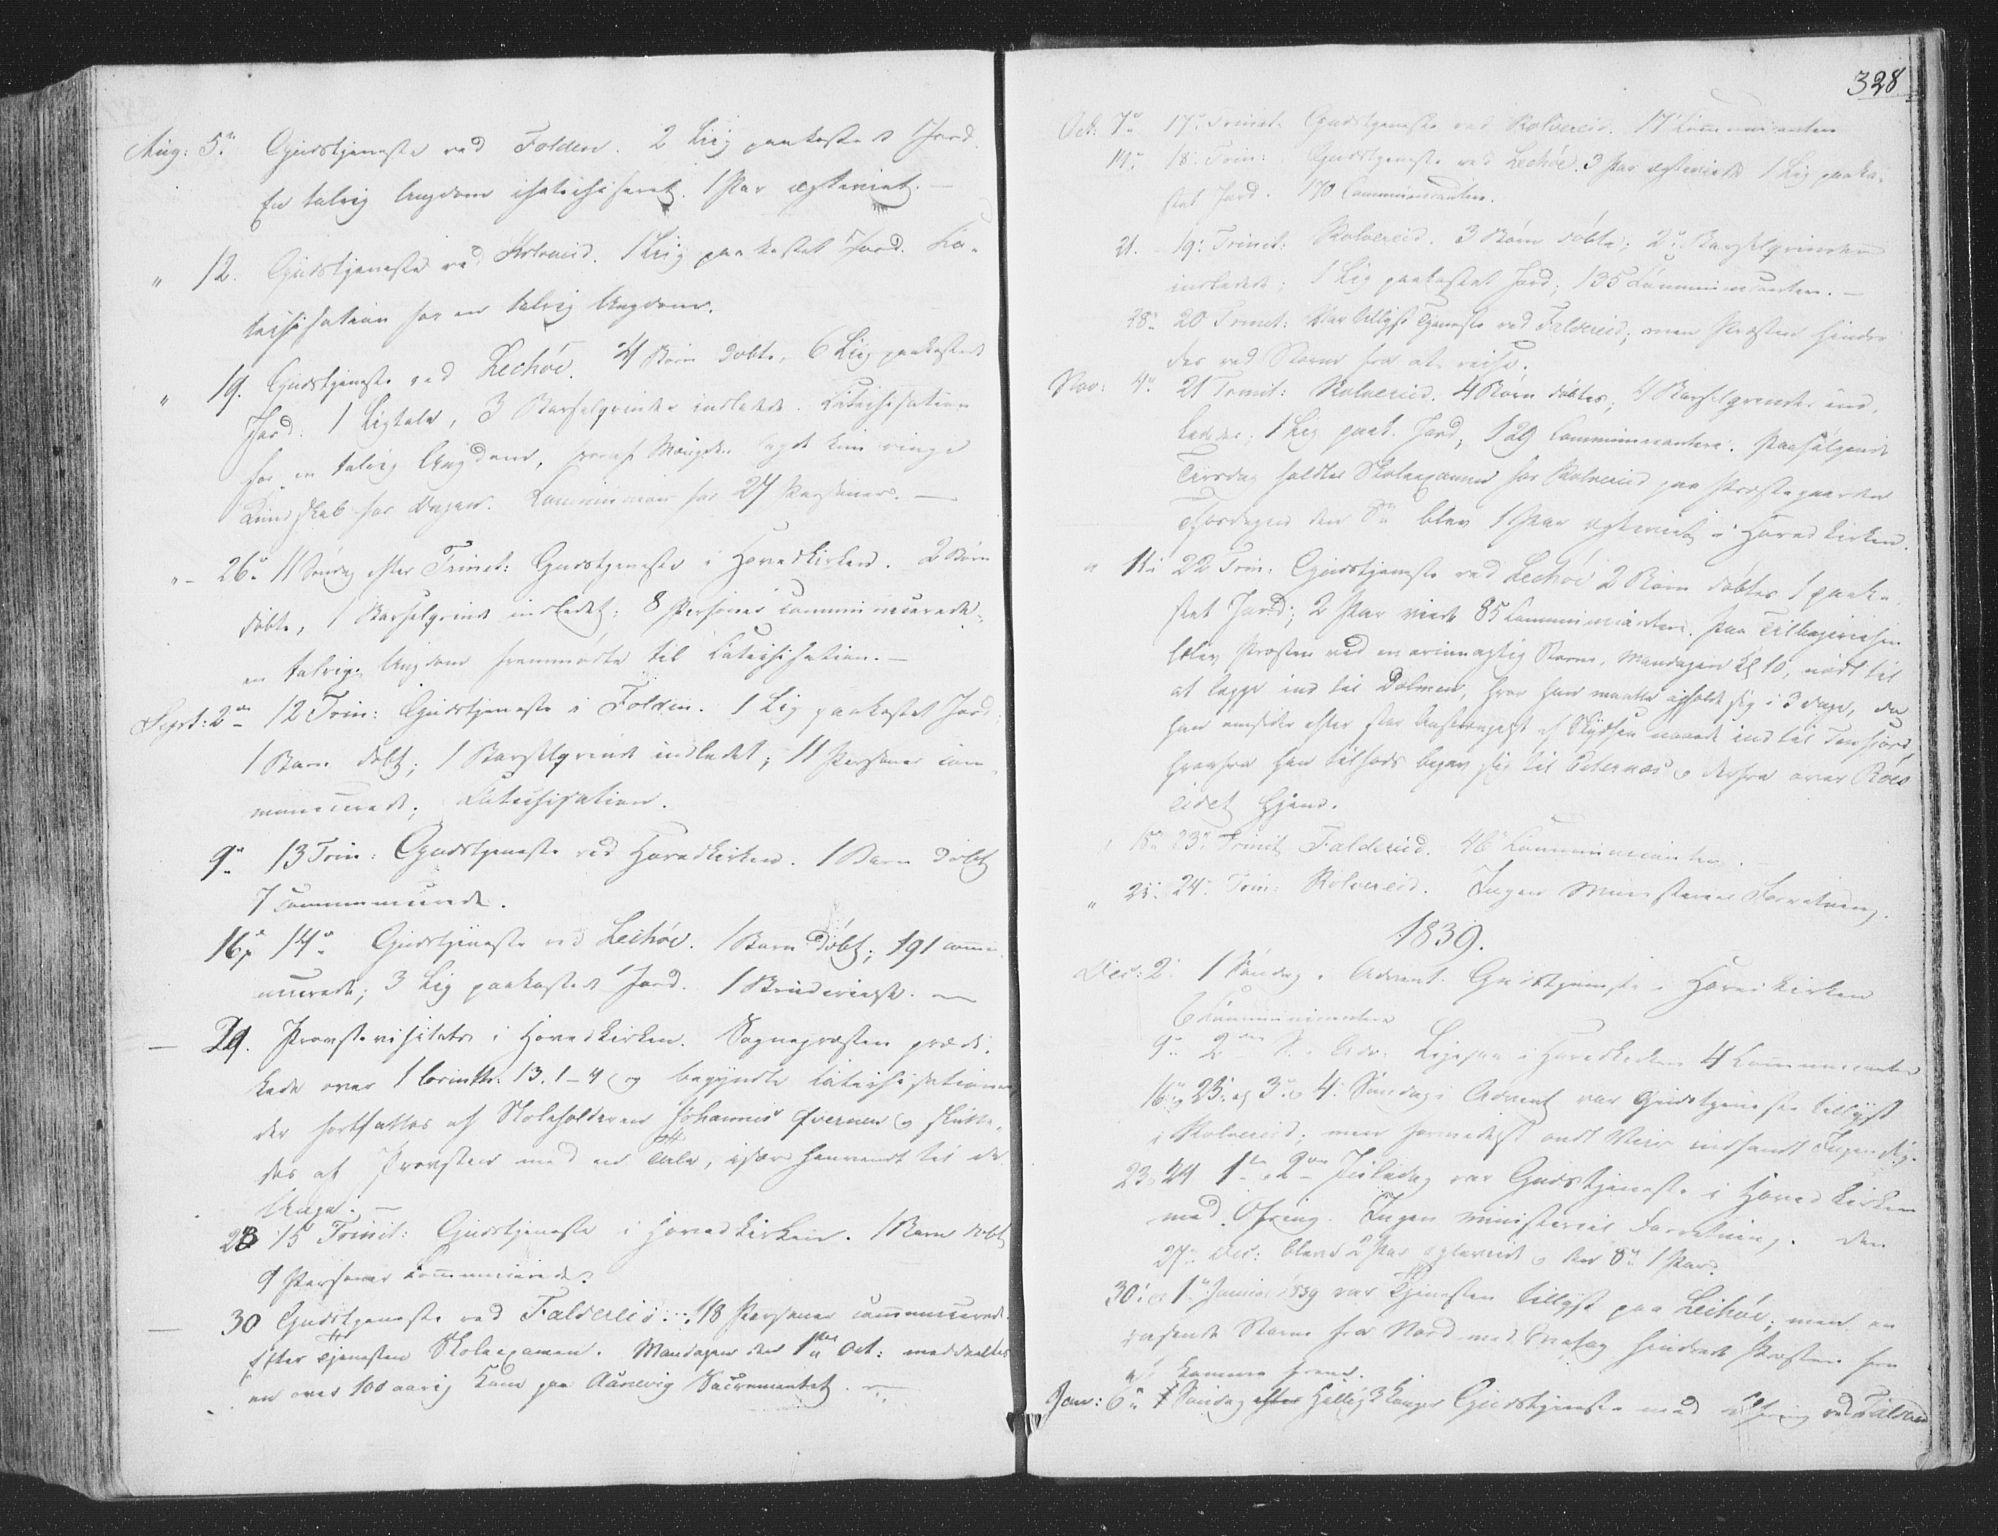 SAT, Ministerialprotokoller, klokkerbøker og fødselsregistre - Nord-Trøndelag, 780/L0639: Ministerialbok nr. 780A04, 1830-1844, s. 328